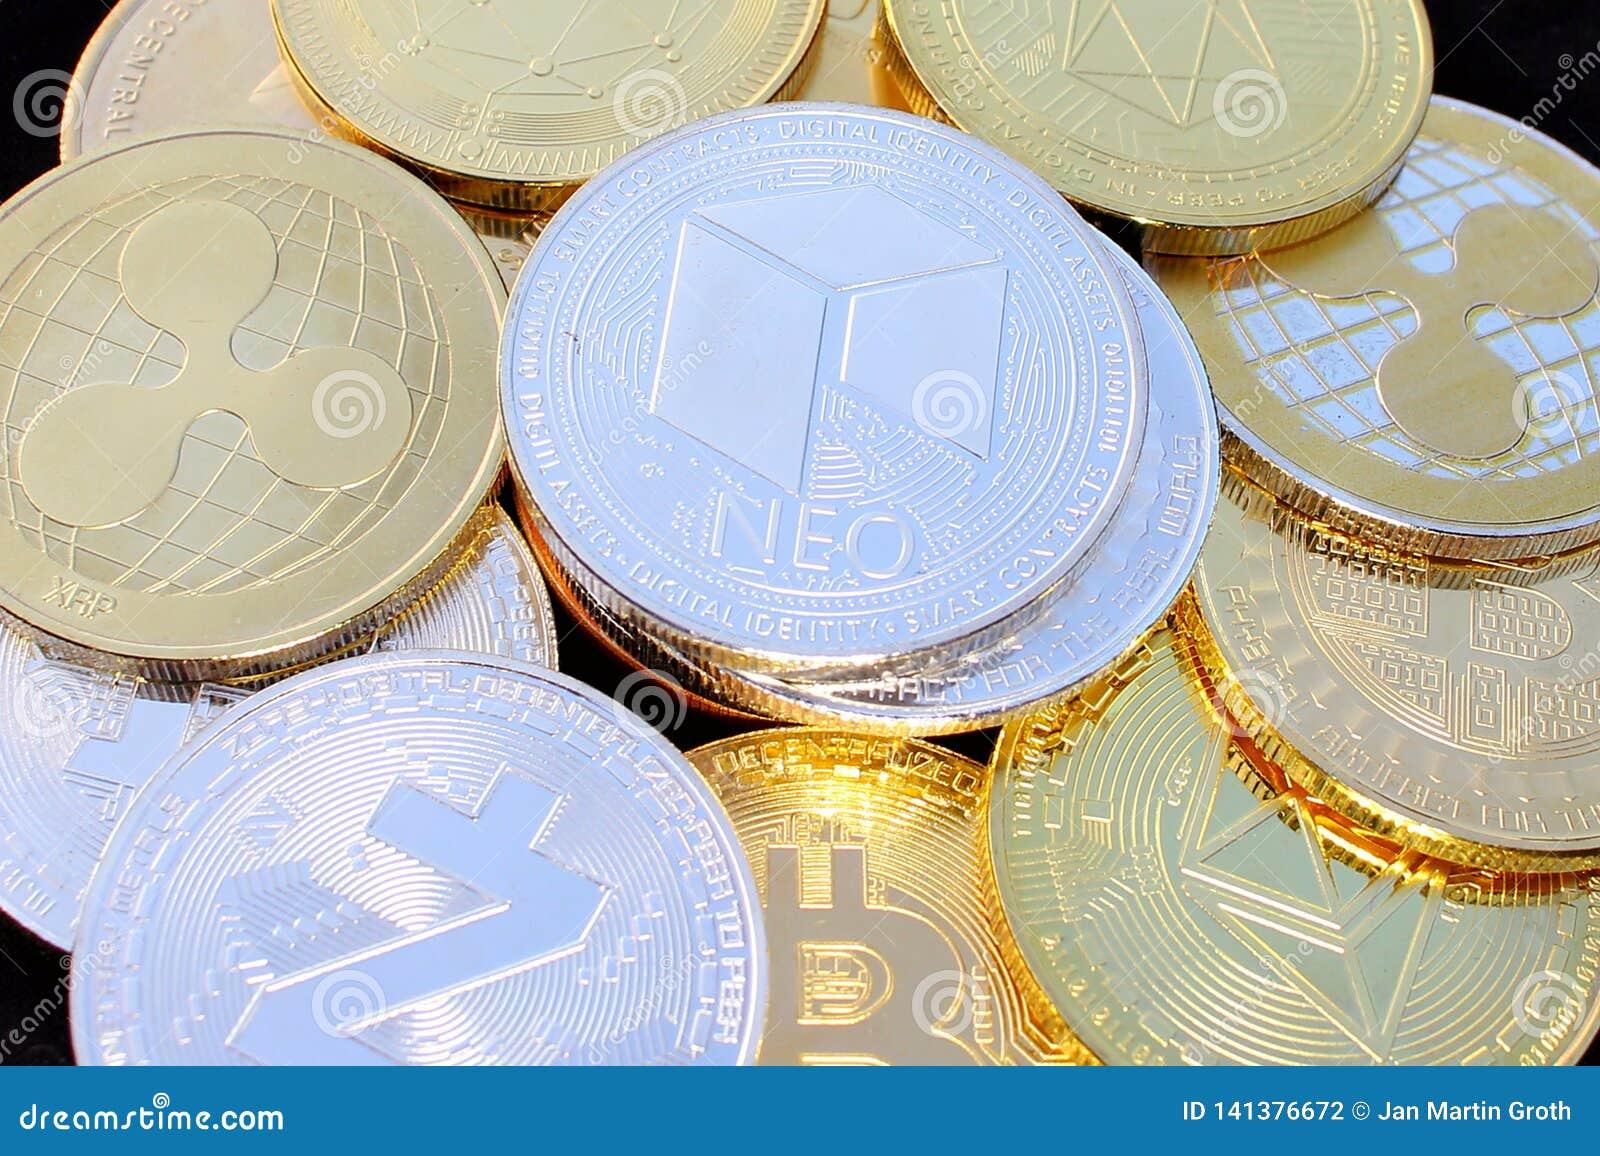 Moneda crypto nea entre otras monedas - moneda digital del futuro